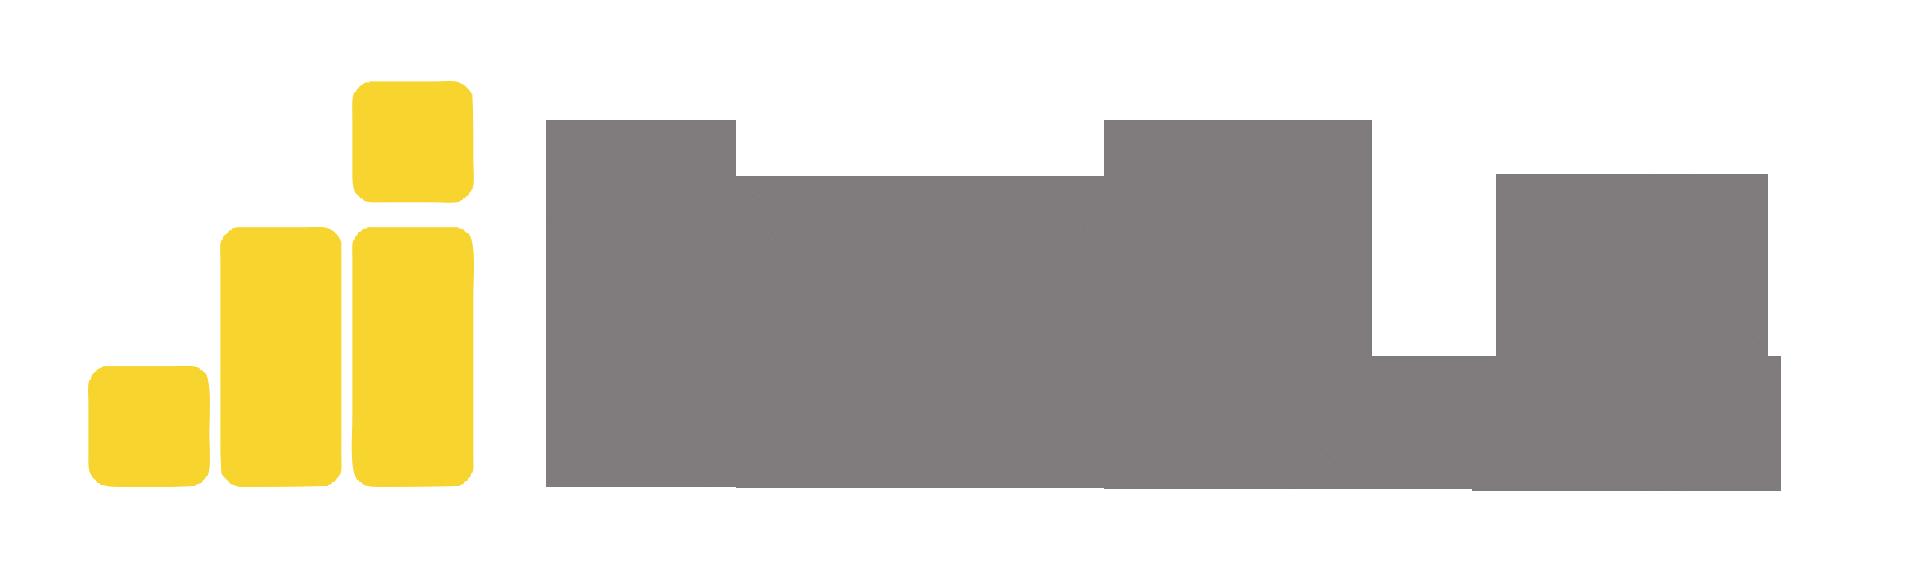 Metus